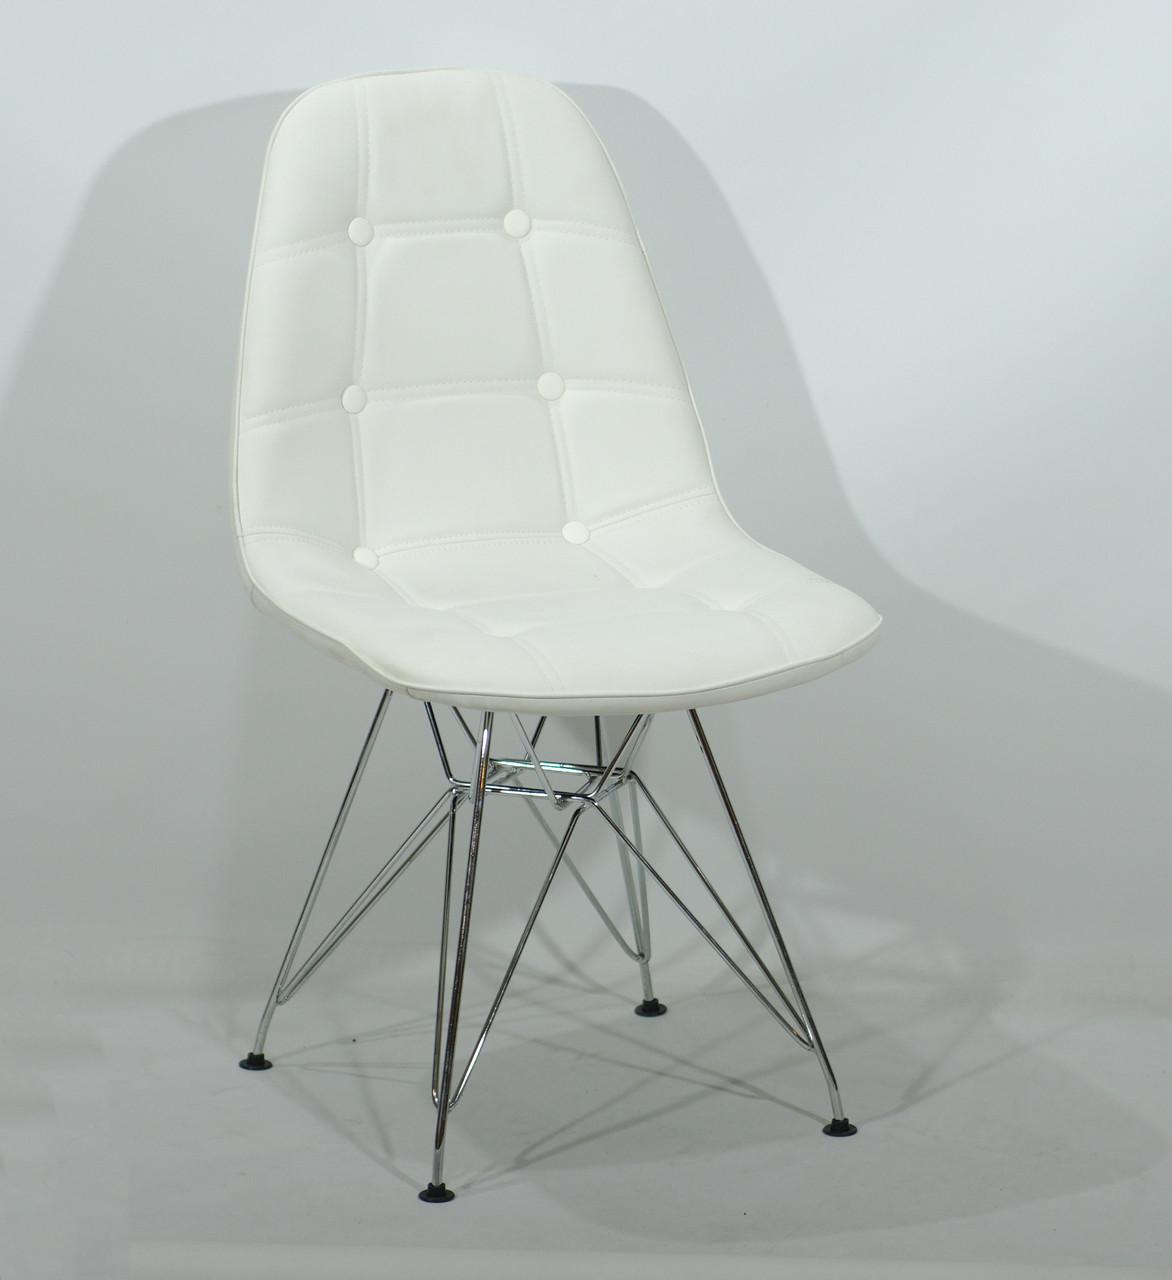 Білий стілець з м'якою основою з еко-шкіри і стильними хромованими ніжками Alex Chrom ML Еко-шкіра